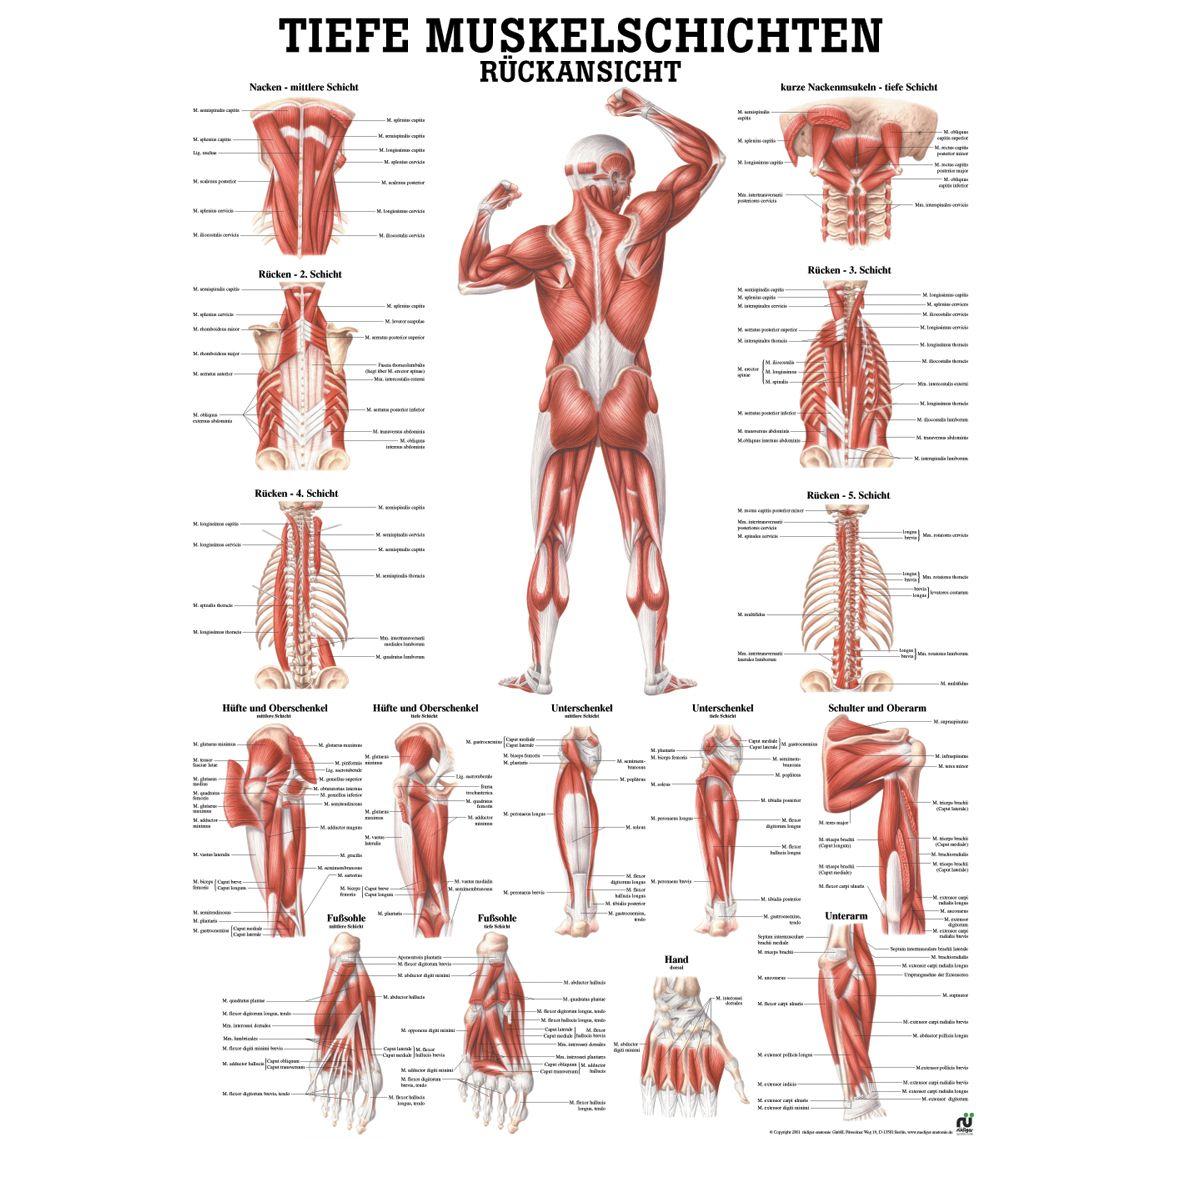 Anatomische Lehrtafel Tiefe Muskelschichten